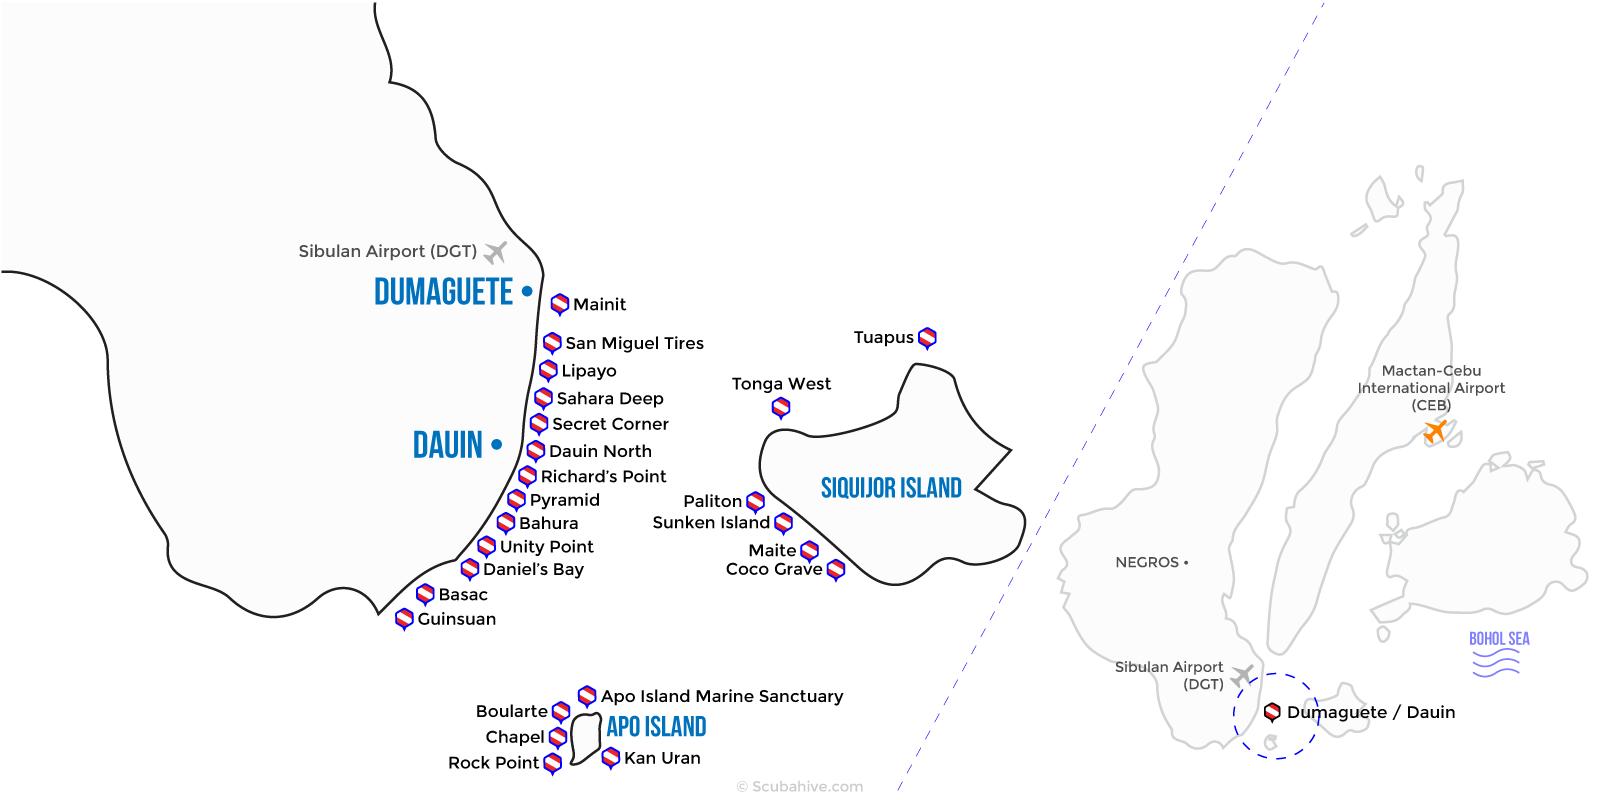 Dumaguete Dauin Philippines Dive Map Location Scubahive